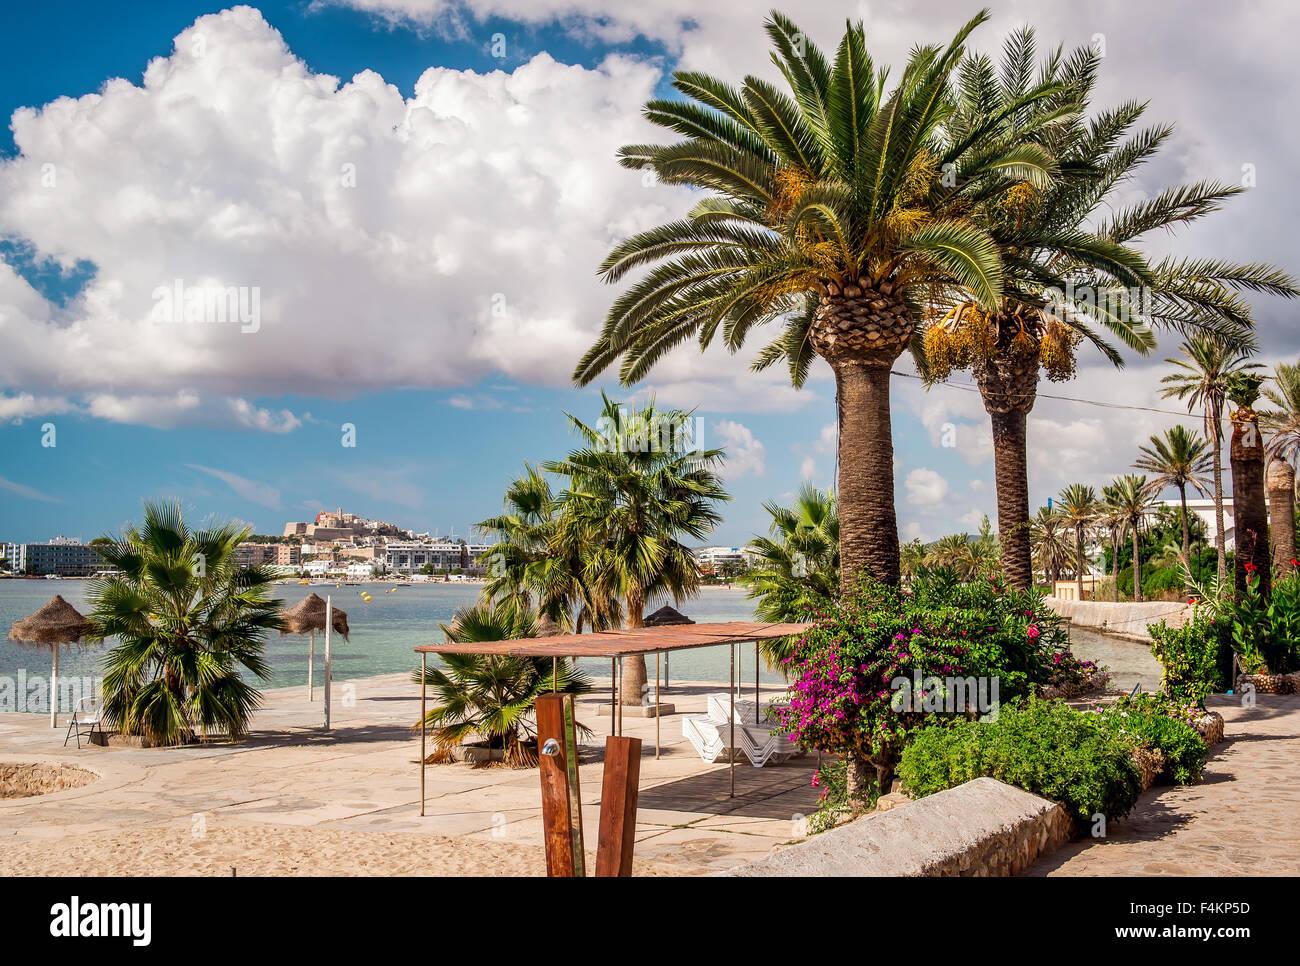 La passeggiata sul lungomare di Ibiza. Isole Baleari. Spagna Immagini Stock